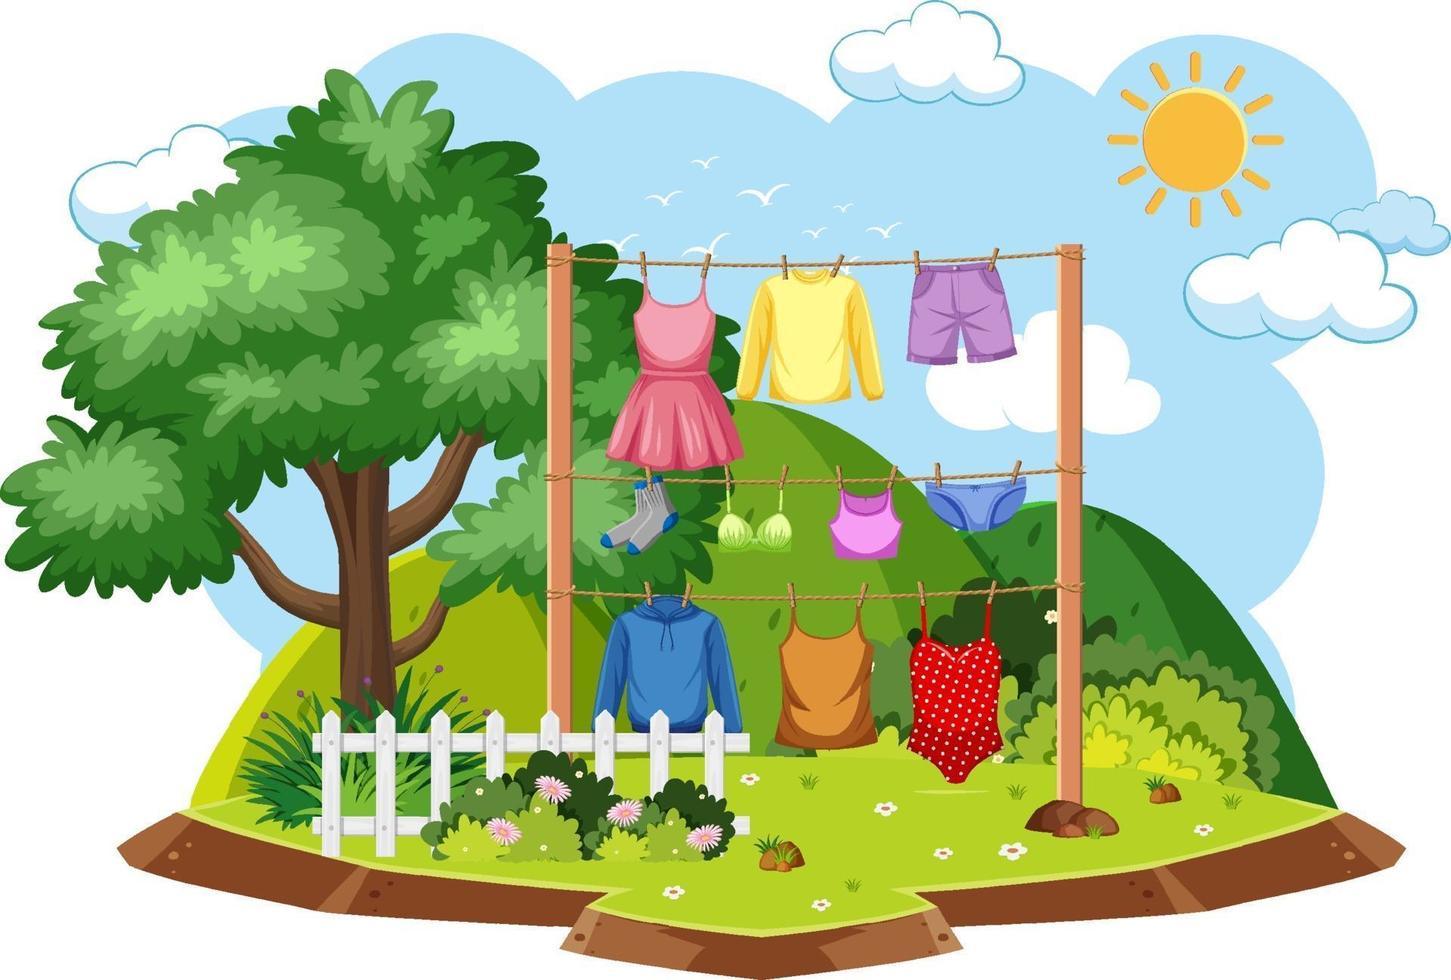 séchage des vêtements dans une scène extérieure vecteur